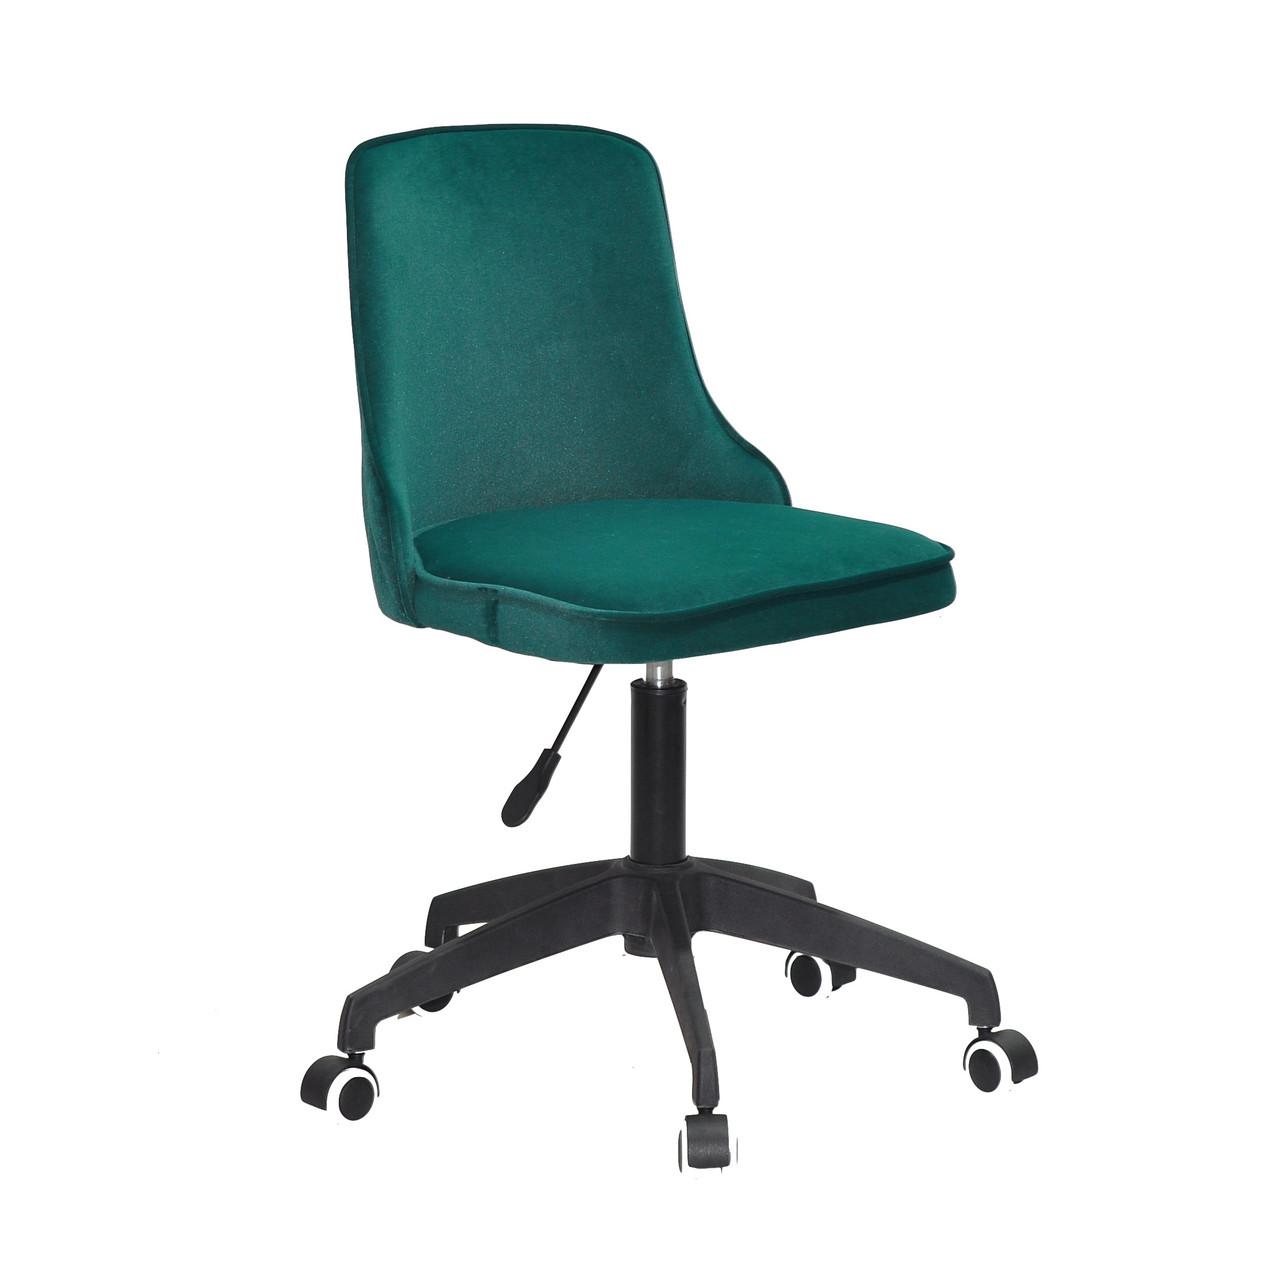 Кресло офисное  на колесах  ADAM BK-Modern OFFICE бархат  , зеленый 1003